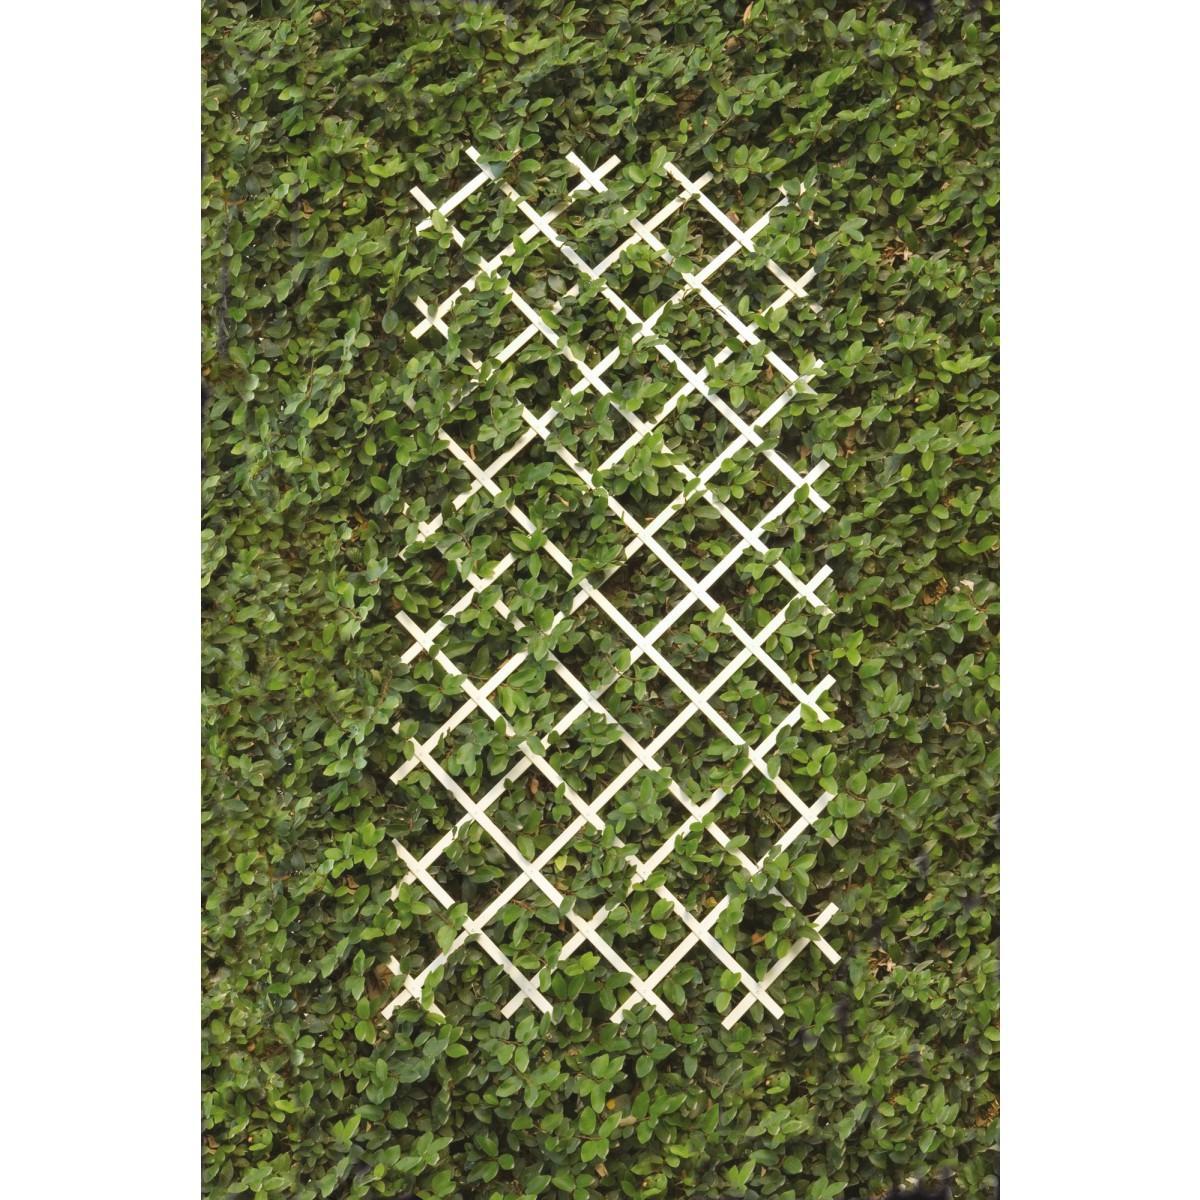 Treillis PVC extensible Catral - Blanc - Longueur 3 m - Hauteur 1 m